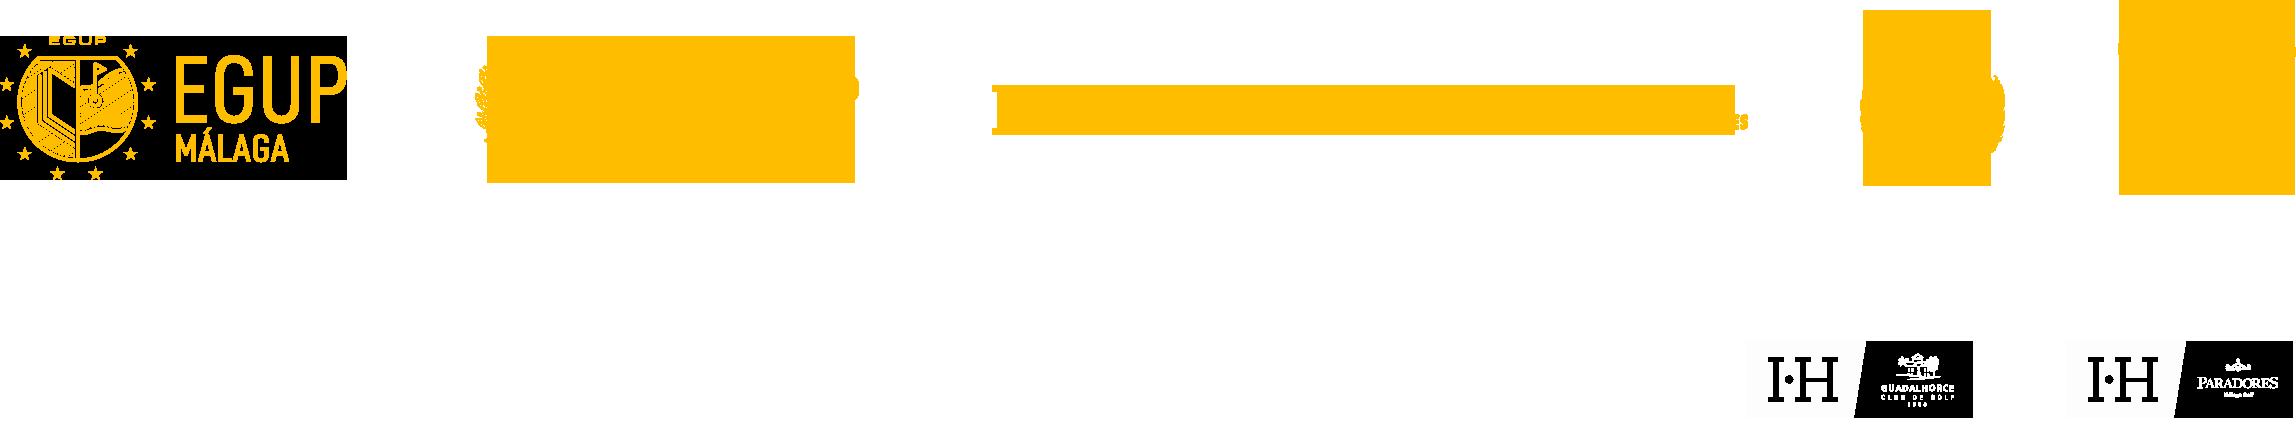 Logotipos colaboradores